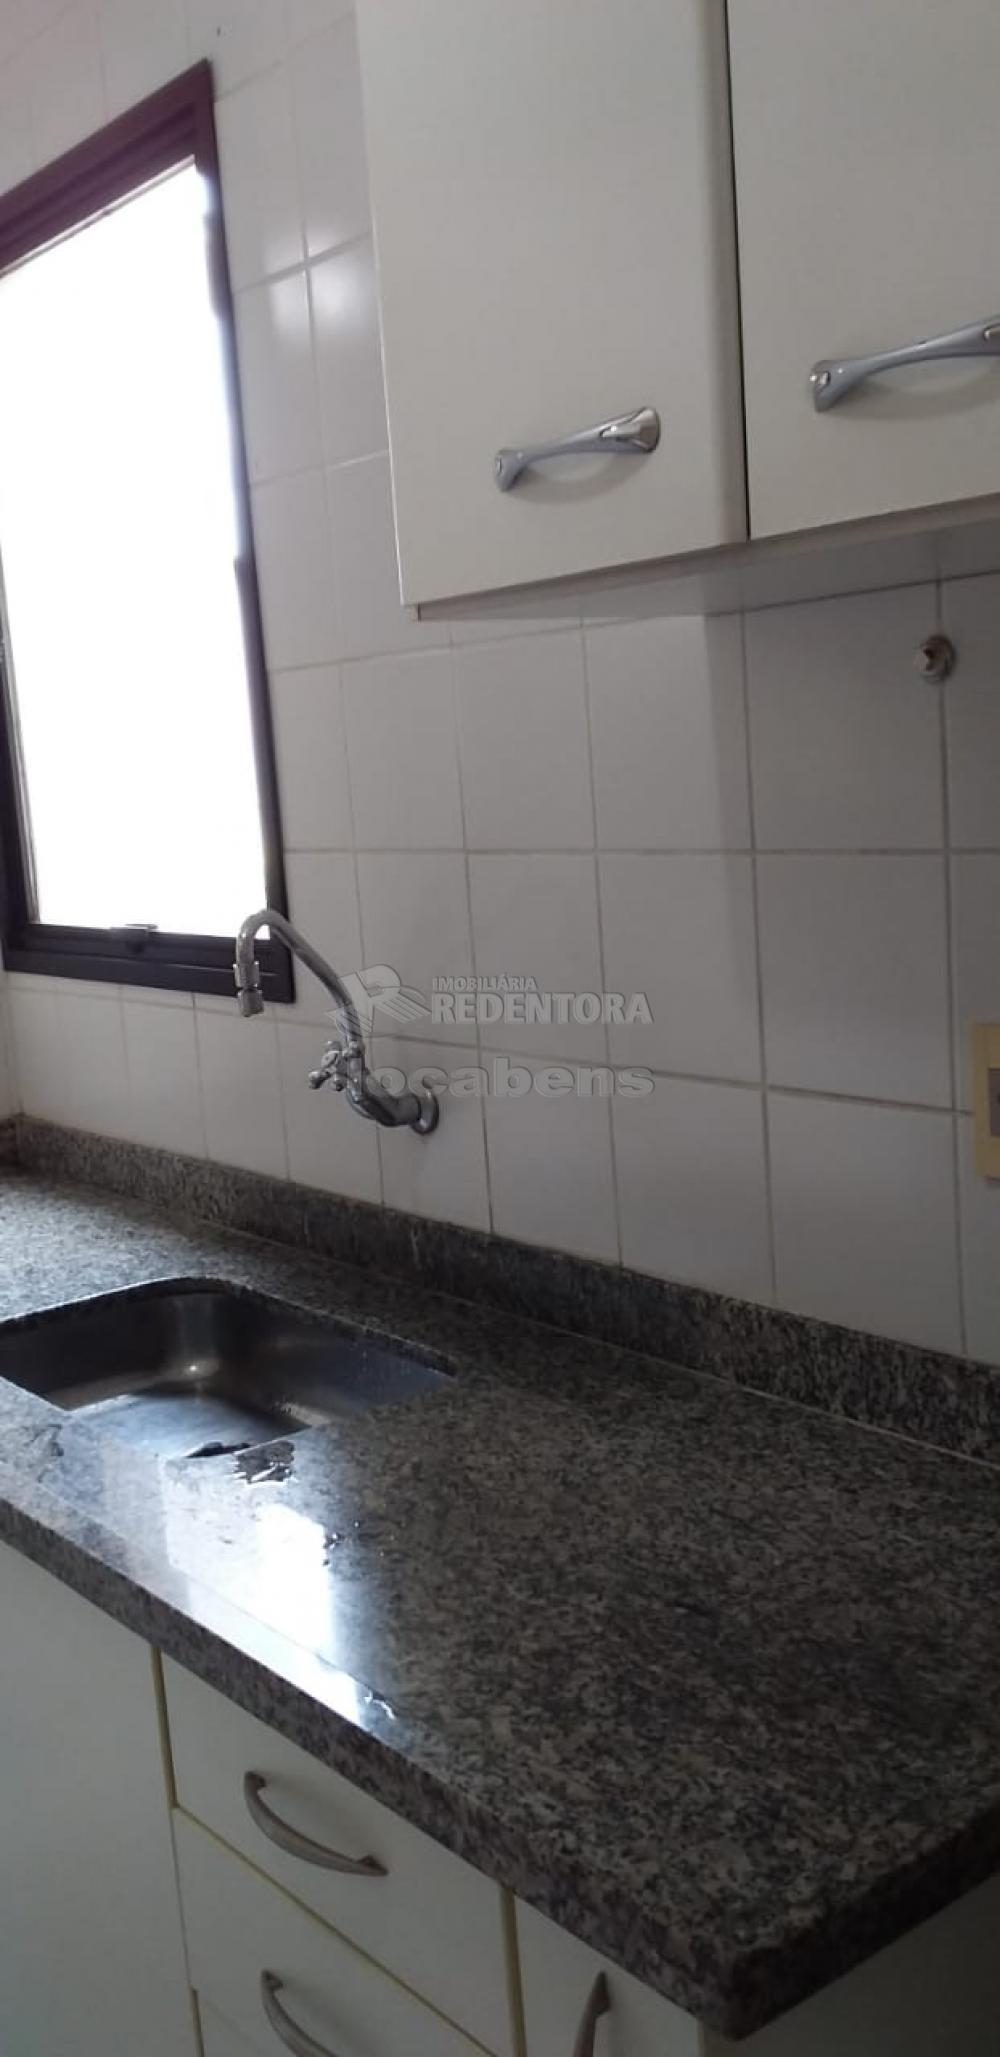 Comprar Apartamento / Padrão em São José do Rio Preto apenas R$ 360.000,00 - Foto 9